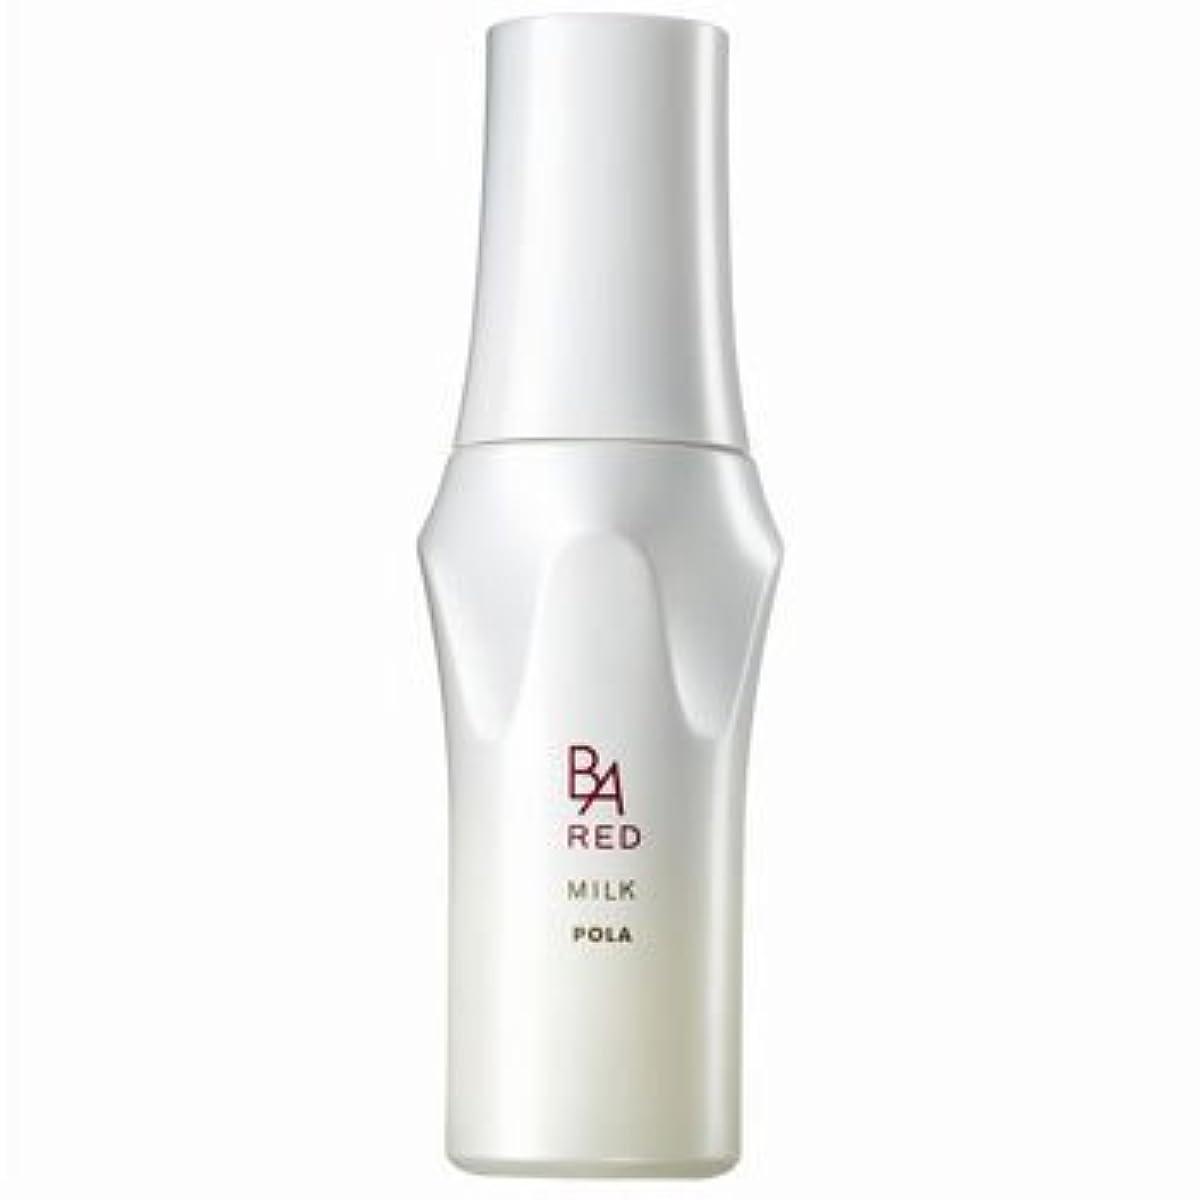 が欲しいフローティングアレルギー性POLA(ポーラ) B.A RED ミルクS(50mL)[並行輸入品]